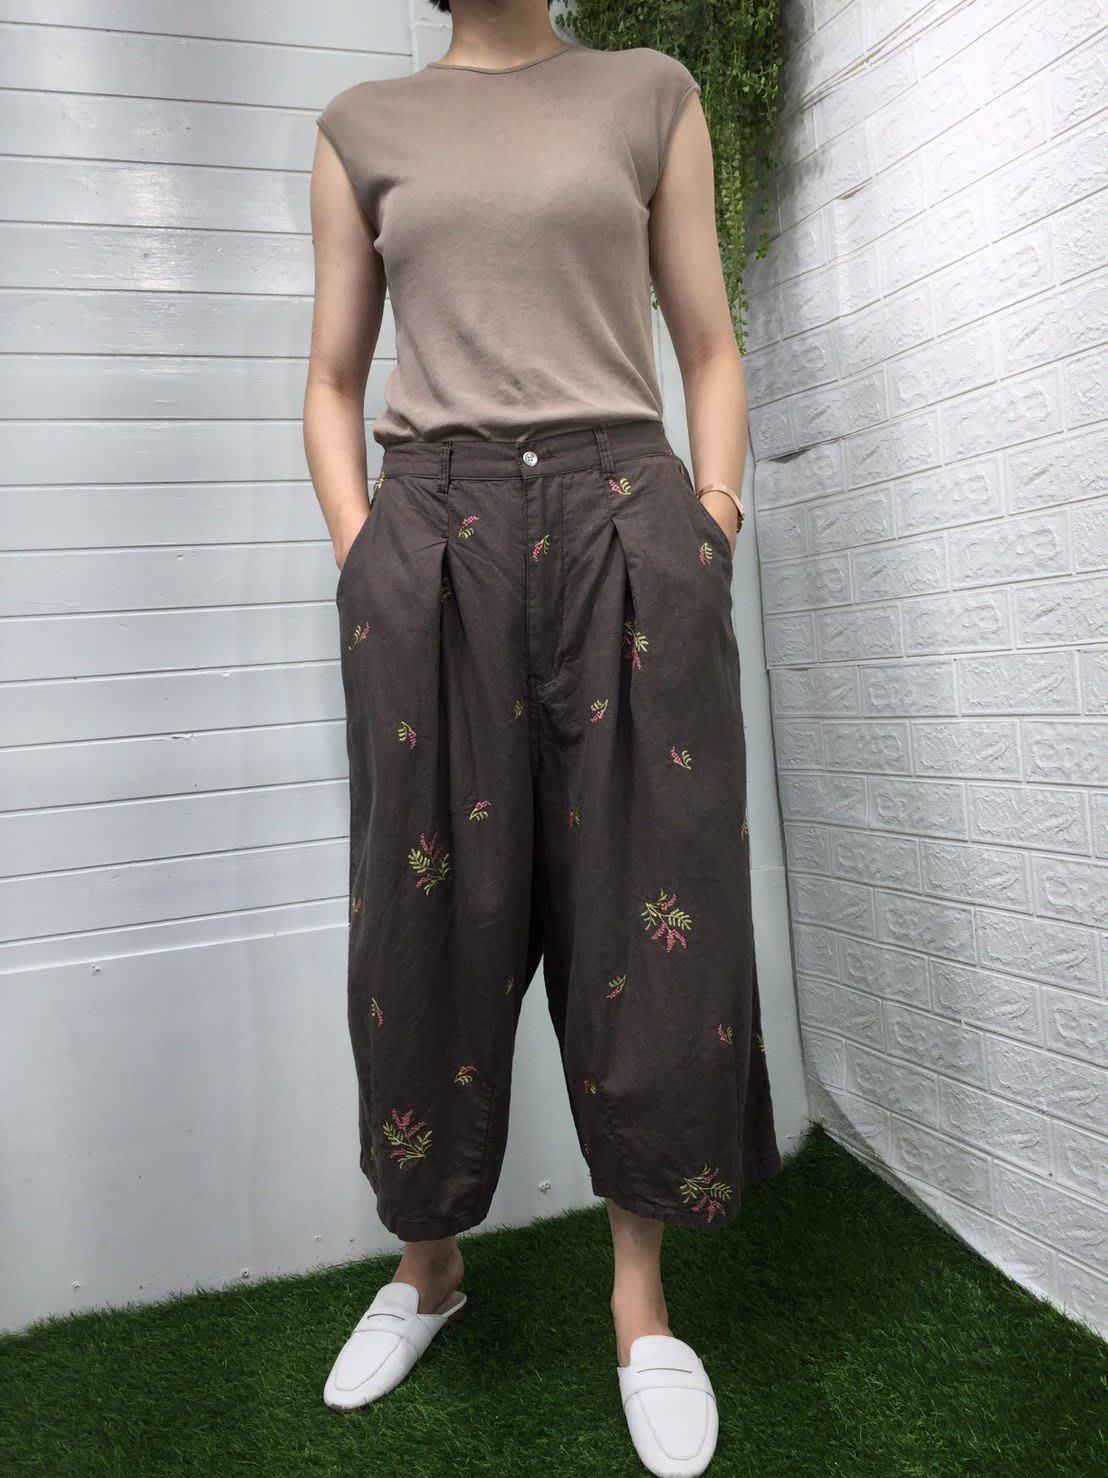 正韓 korea韓國空運4N5棉麻色刺繡花朵鬆緊腰圍寬鬆褲裙 現貨 小齊韓衣